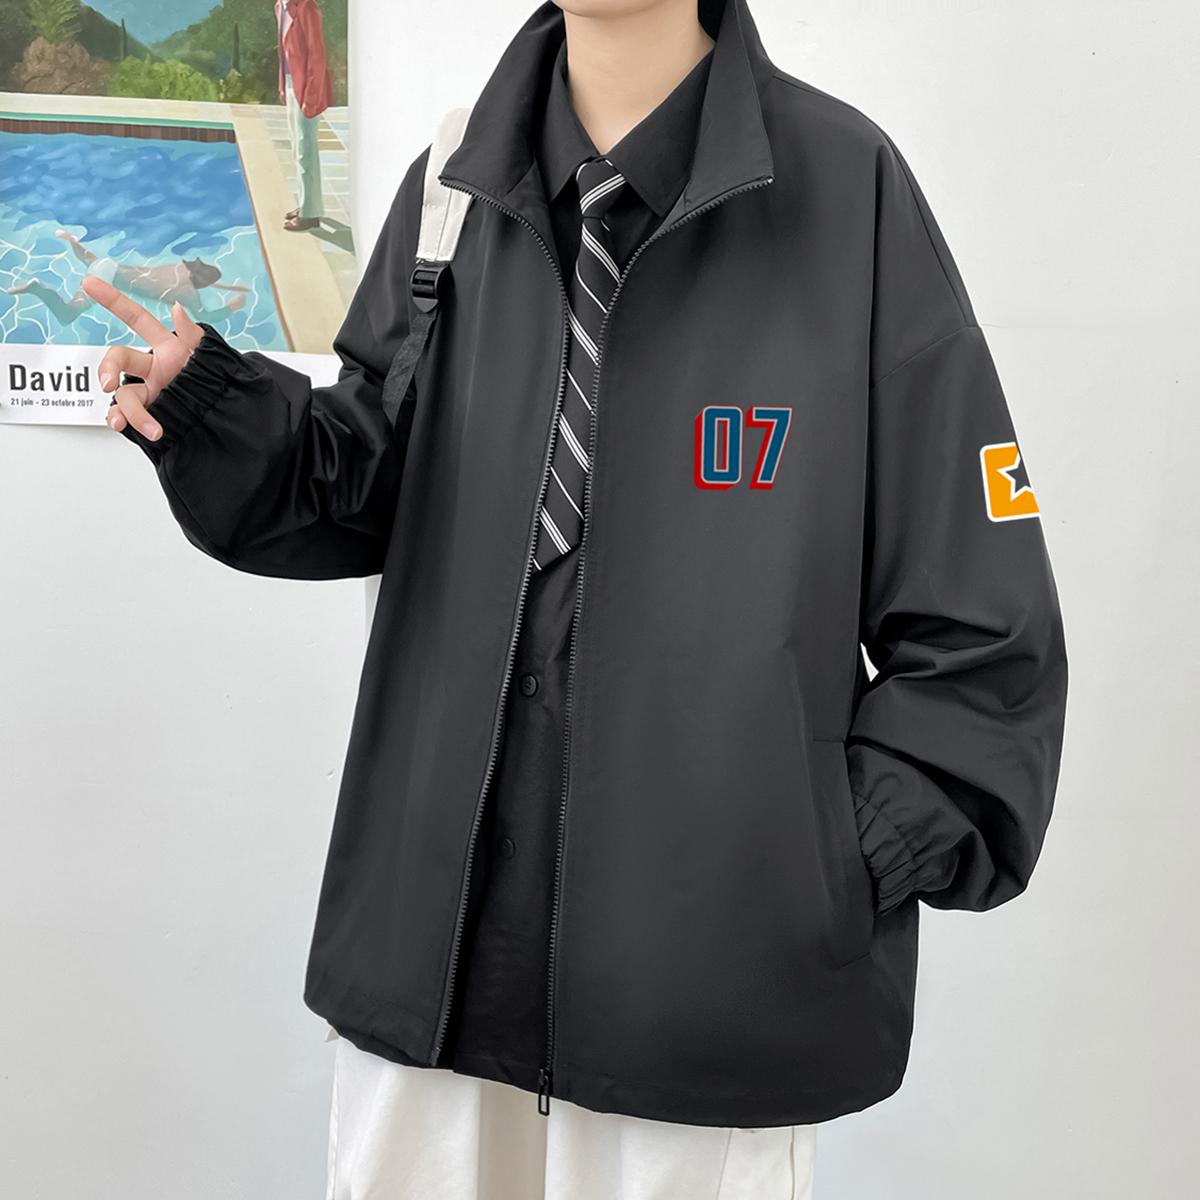 2021新款港风男式休闲简约百搭时尚印花夹克外套A110-JK813-P70